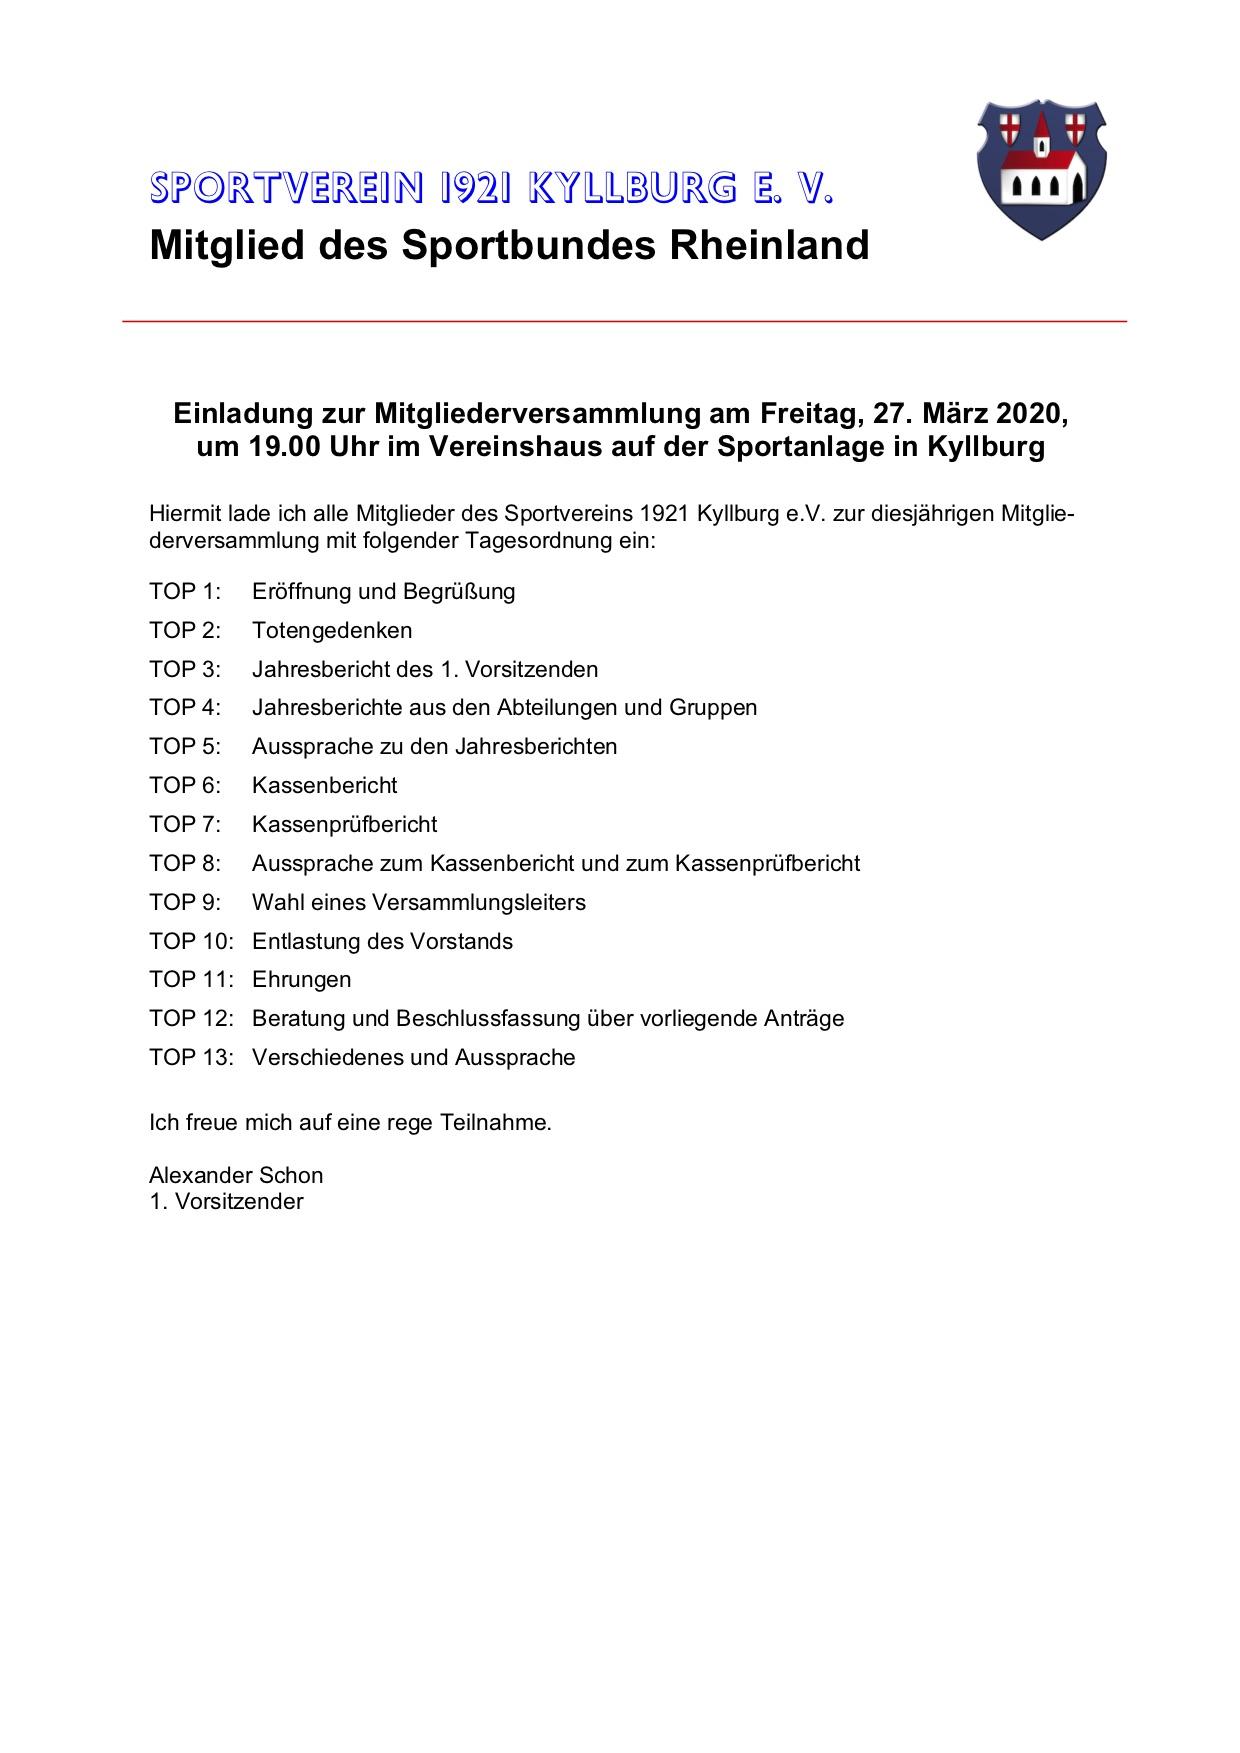 Einladung zur Mitgliederversammlung